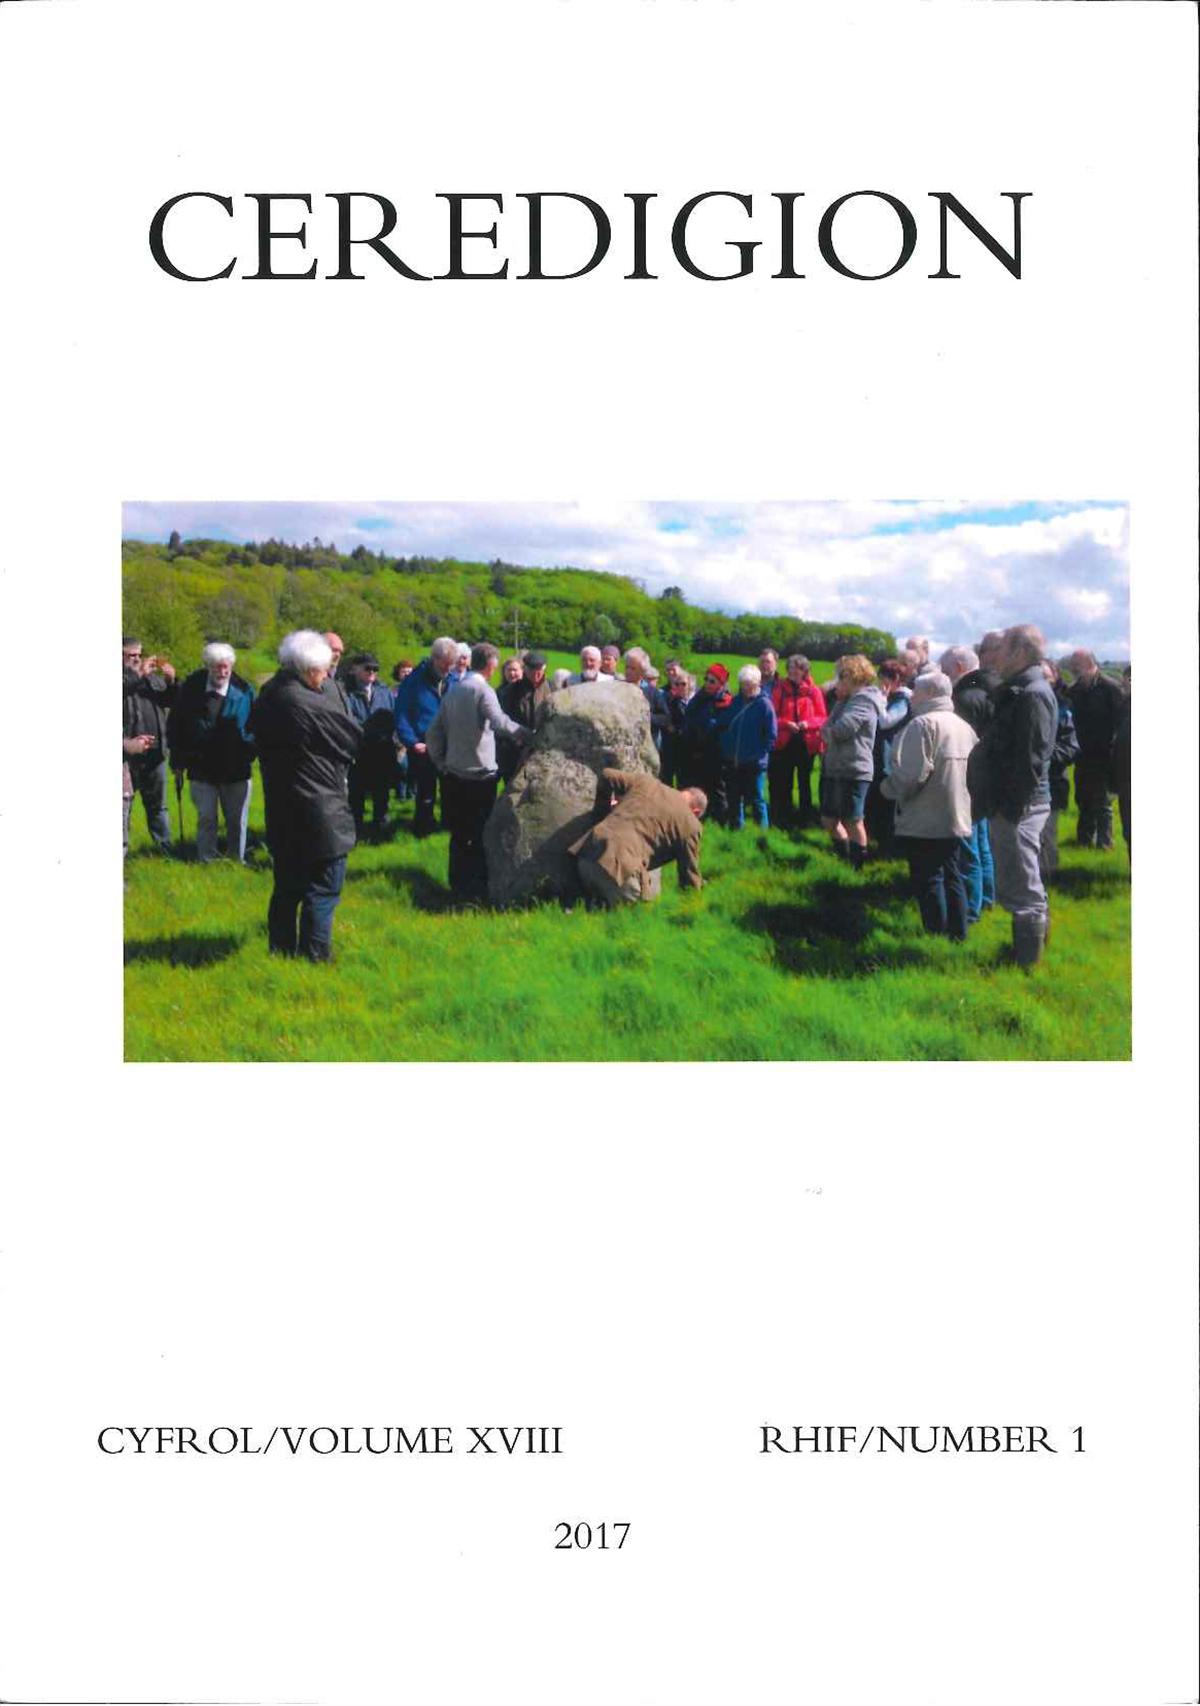 Ceredigion Journal of the Ceredigion Historical Society Vol XVIII, No I 2017 - ISBN 0069 2263